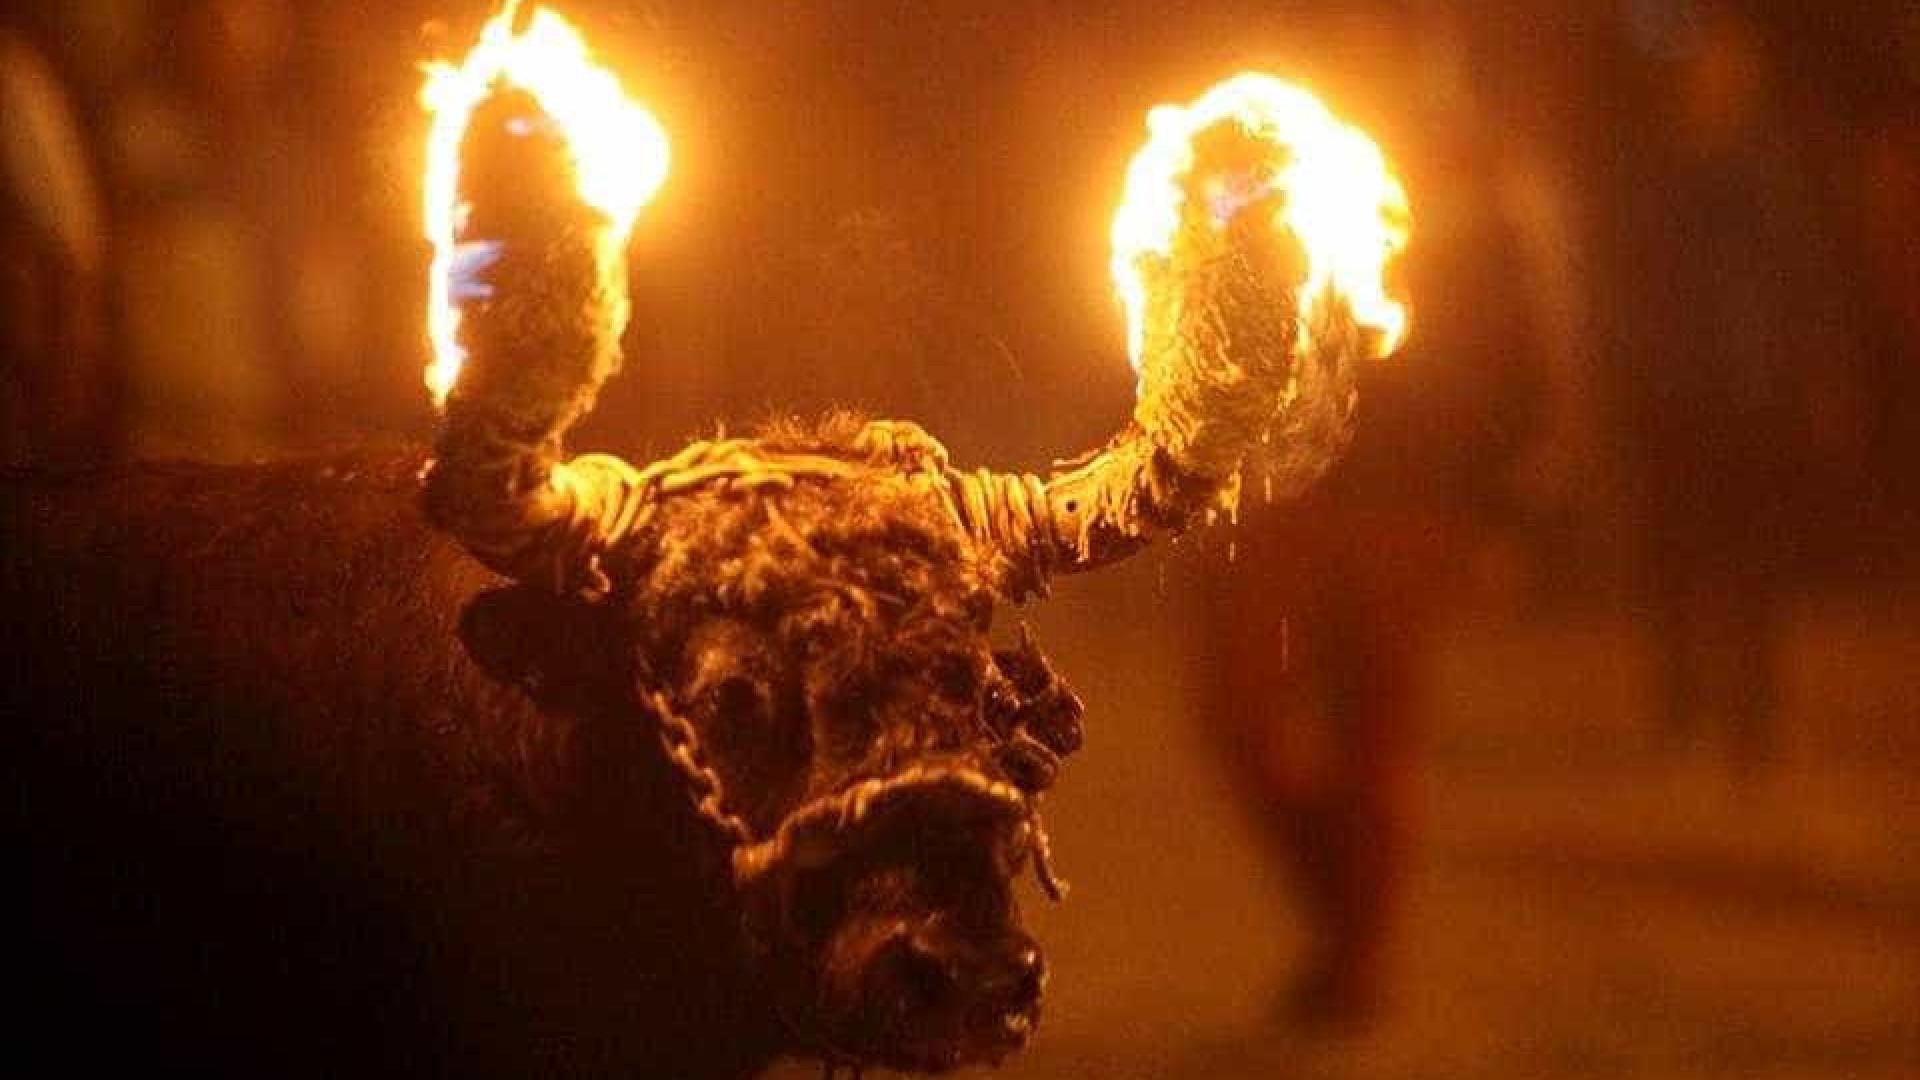 Cancelado evento com touros de fogo em Benavente